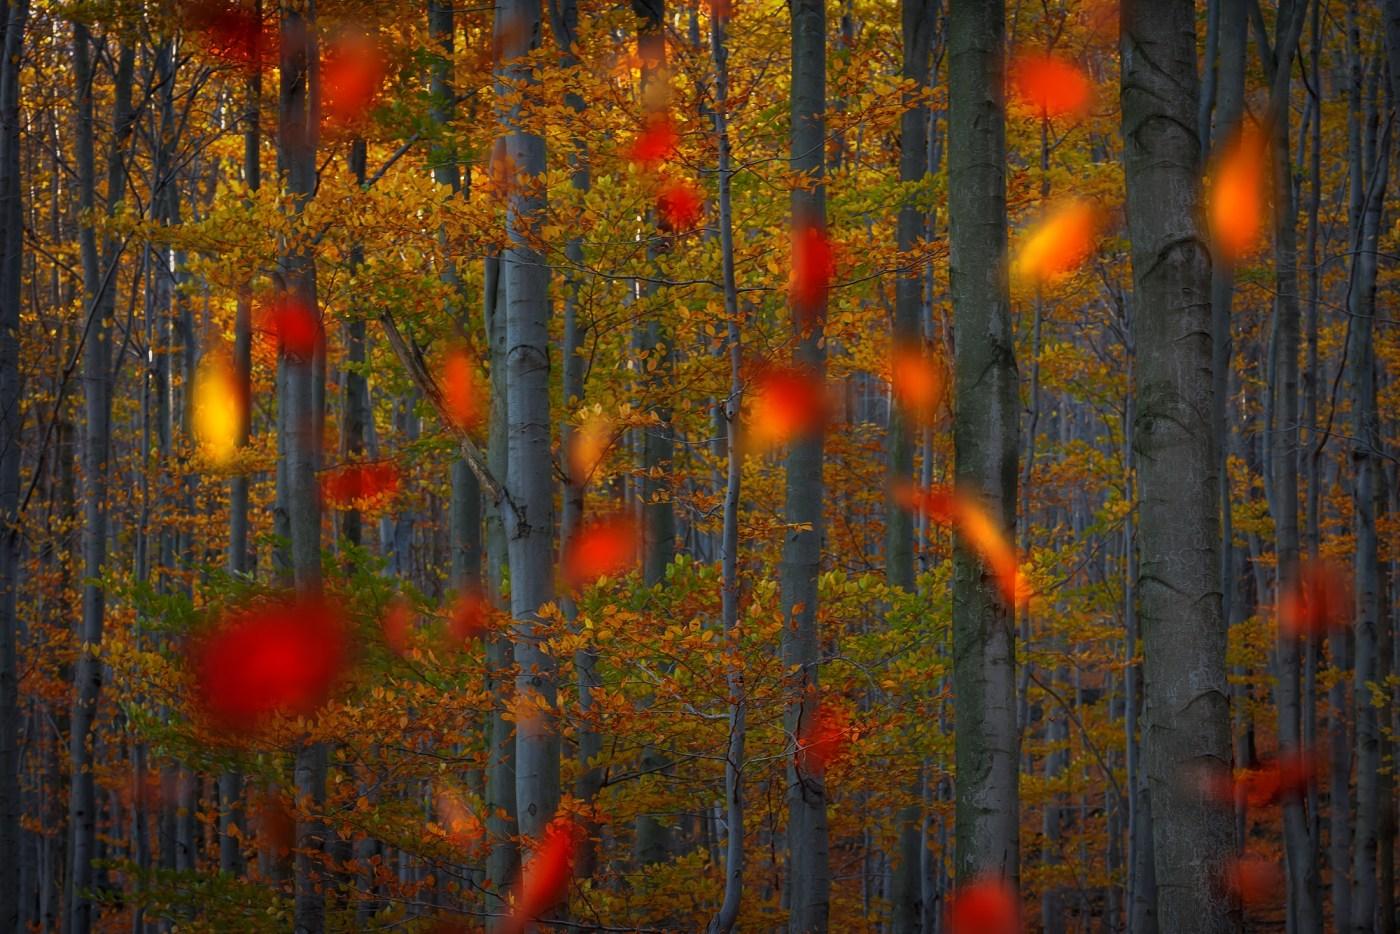 Jizerskohorské bučiny, Jizerské hory. D600, Sigma 150mm f/2,8 EX APO DG OS MACRO, clona f/8, čas 1/160.